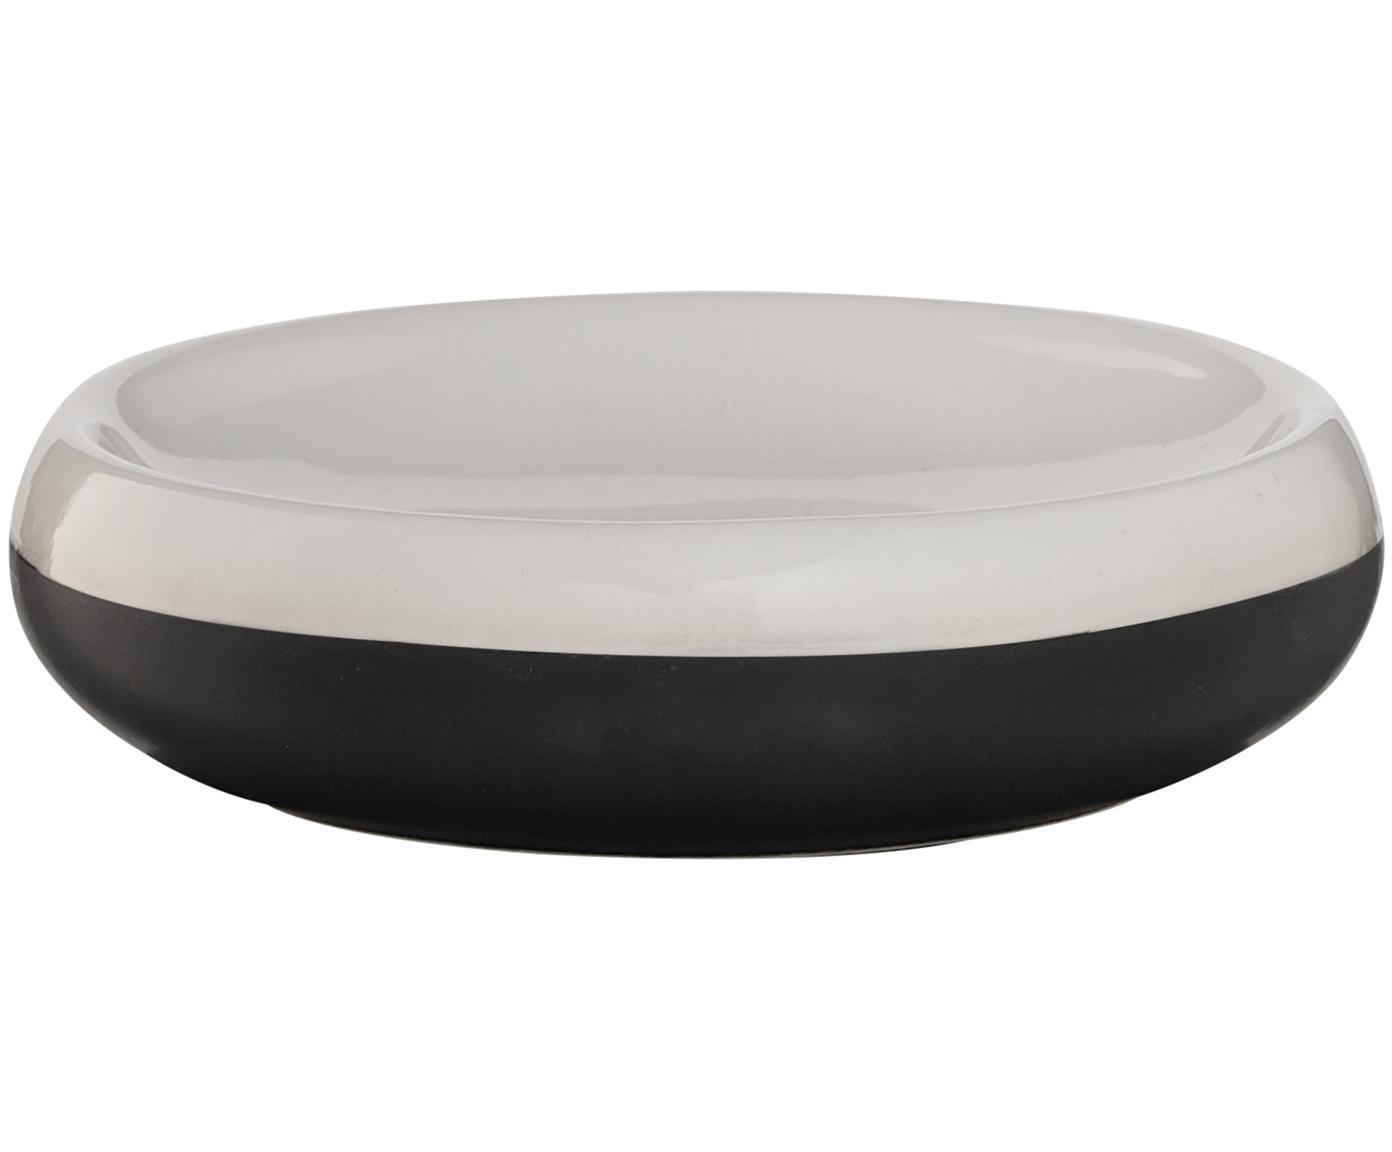 Porzellan-Seifenschale Sphere, Porzellan, Schwarz, Weiß, Ø 12 x H 3 cm